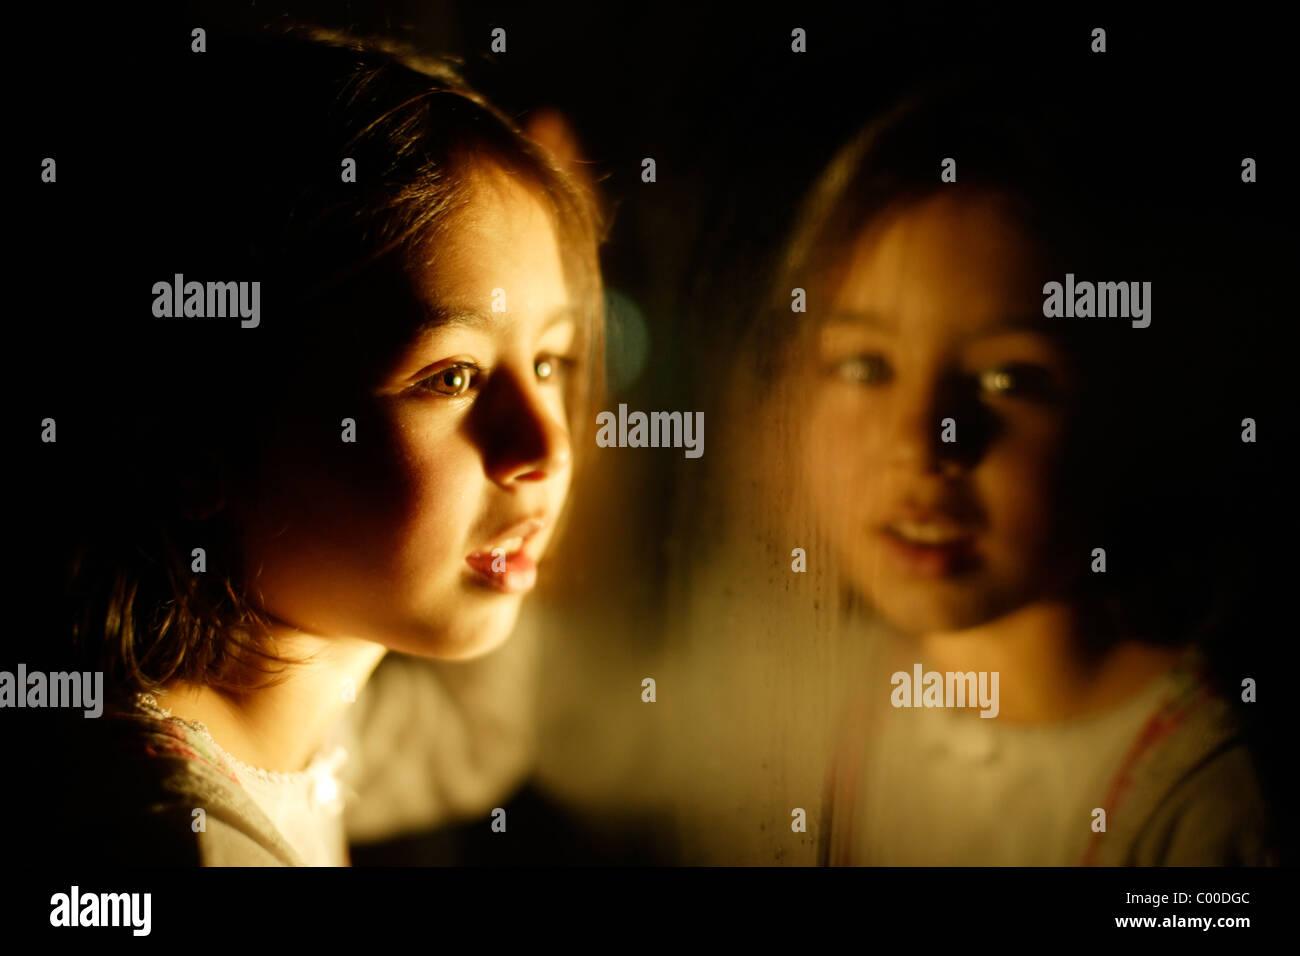 Fille de nuit avec la réflexion de la fenêtre Photo Stock